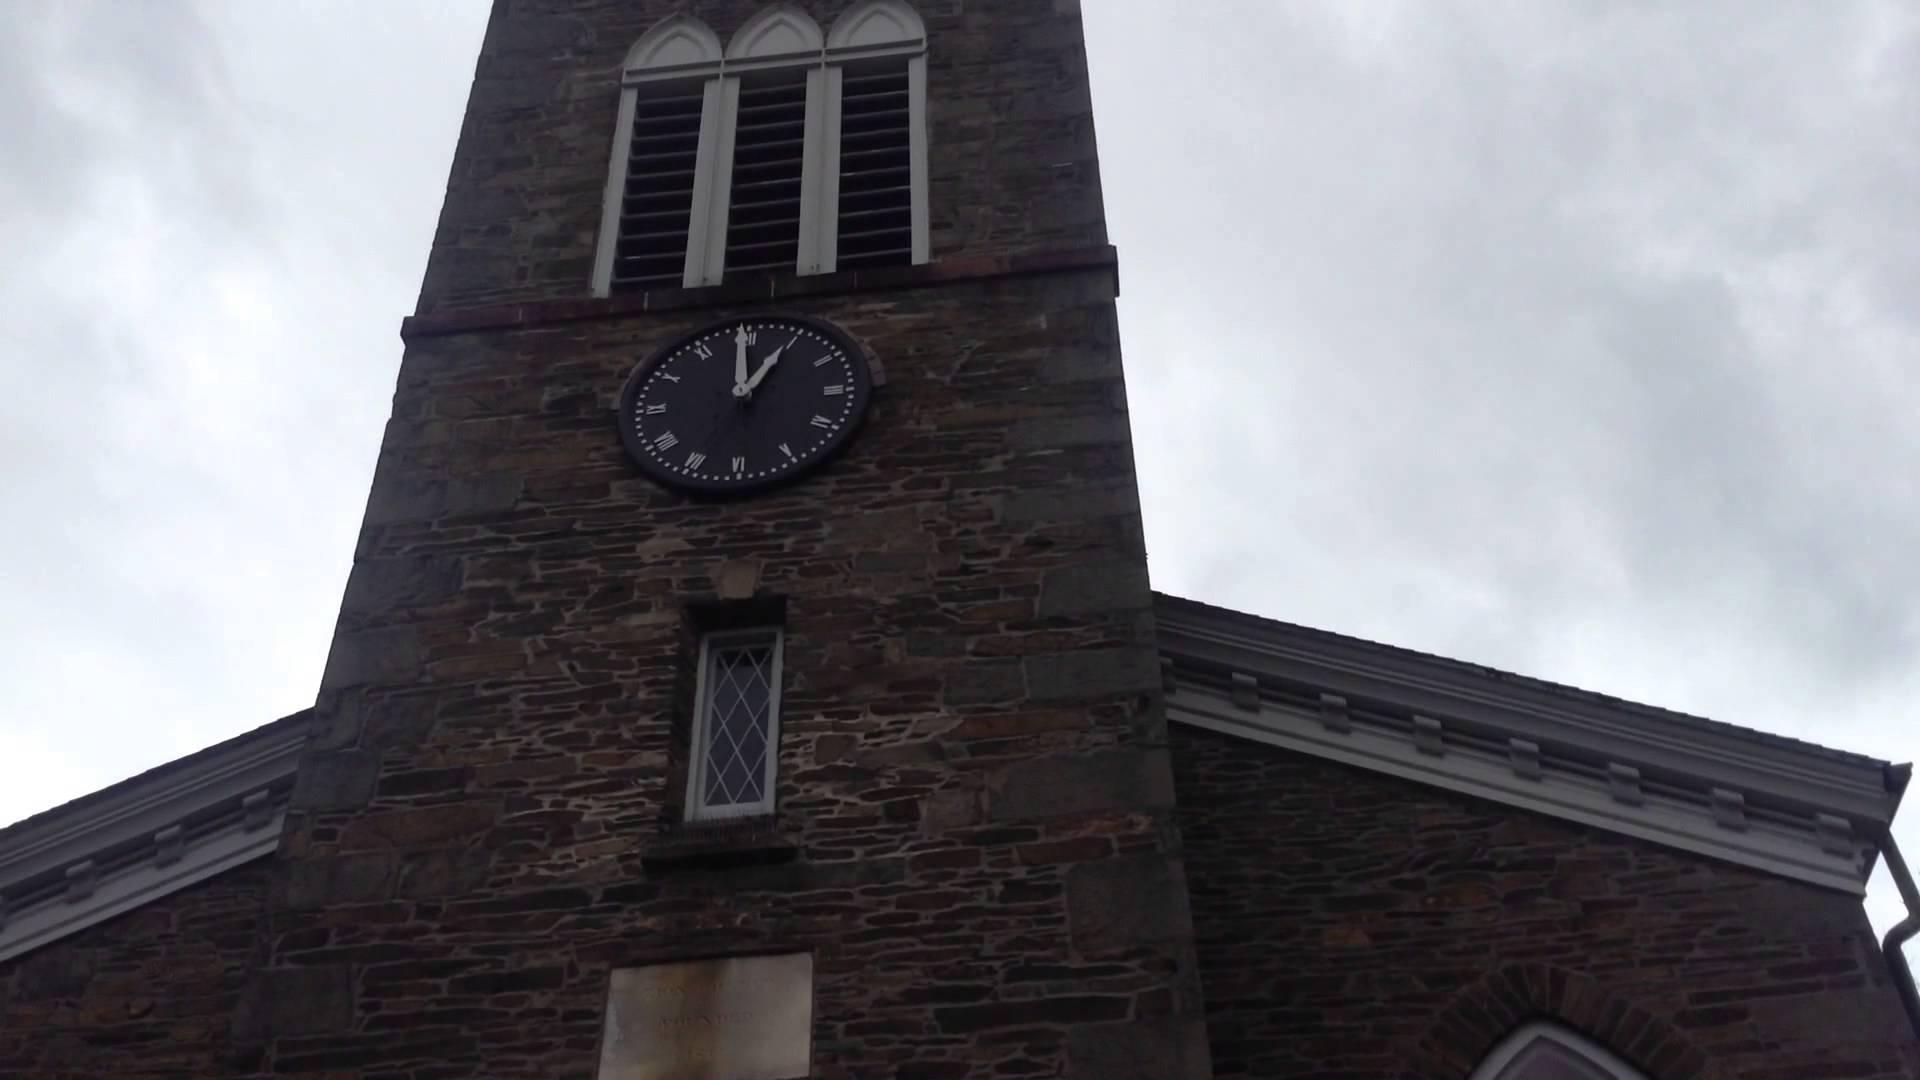 Church clock tower photo